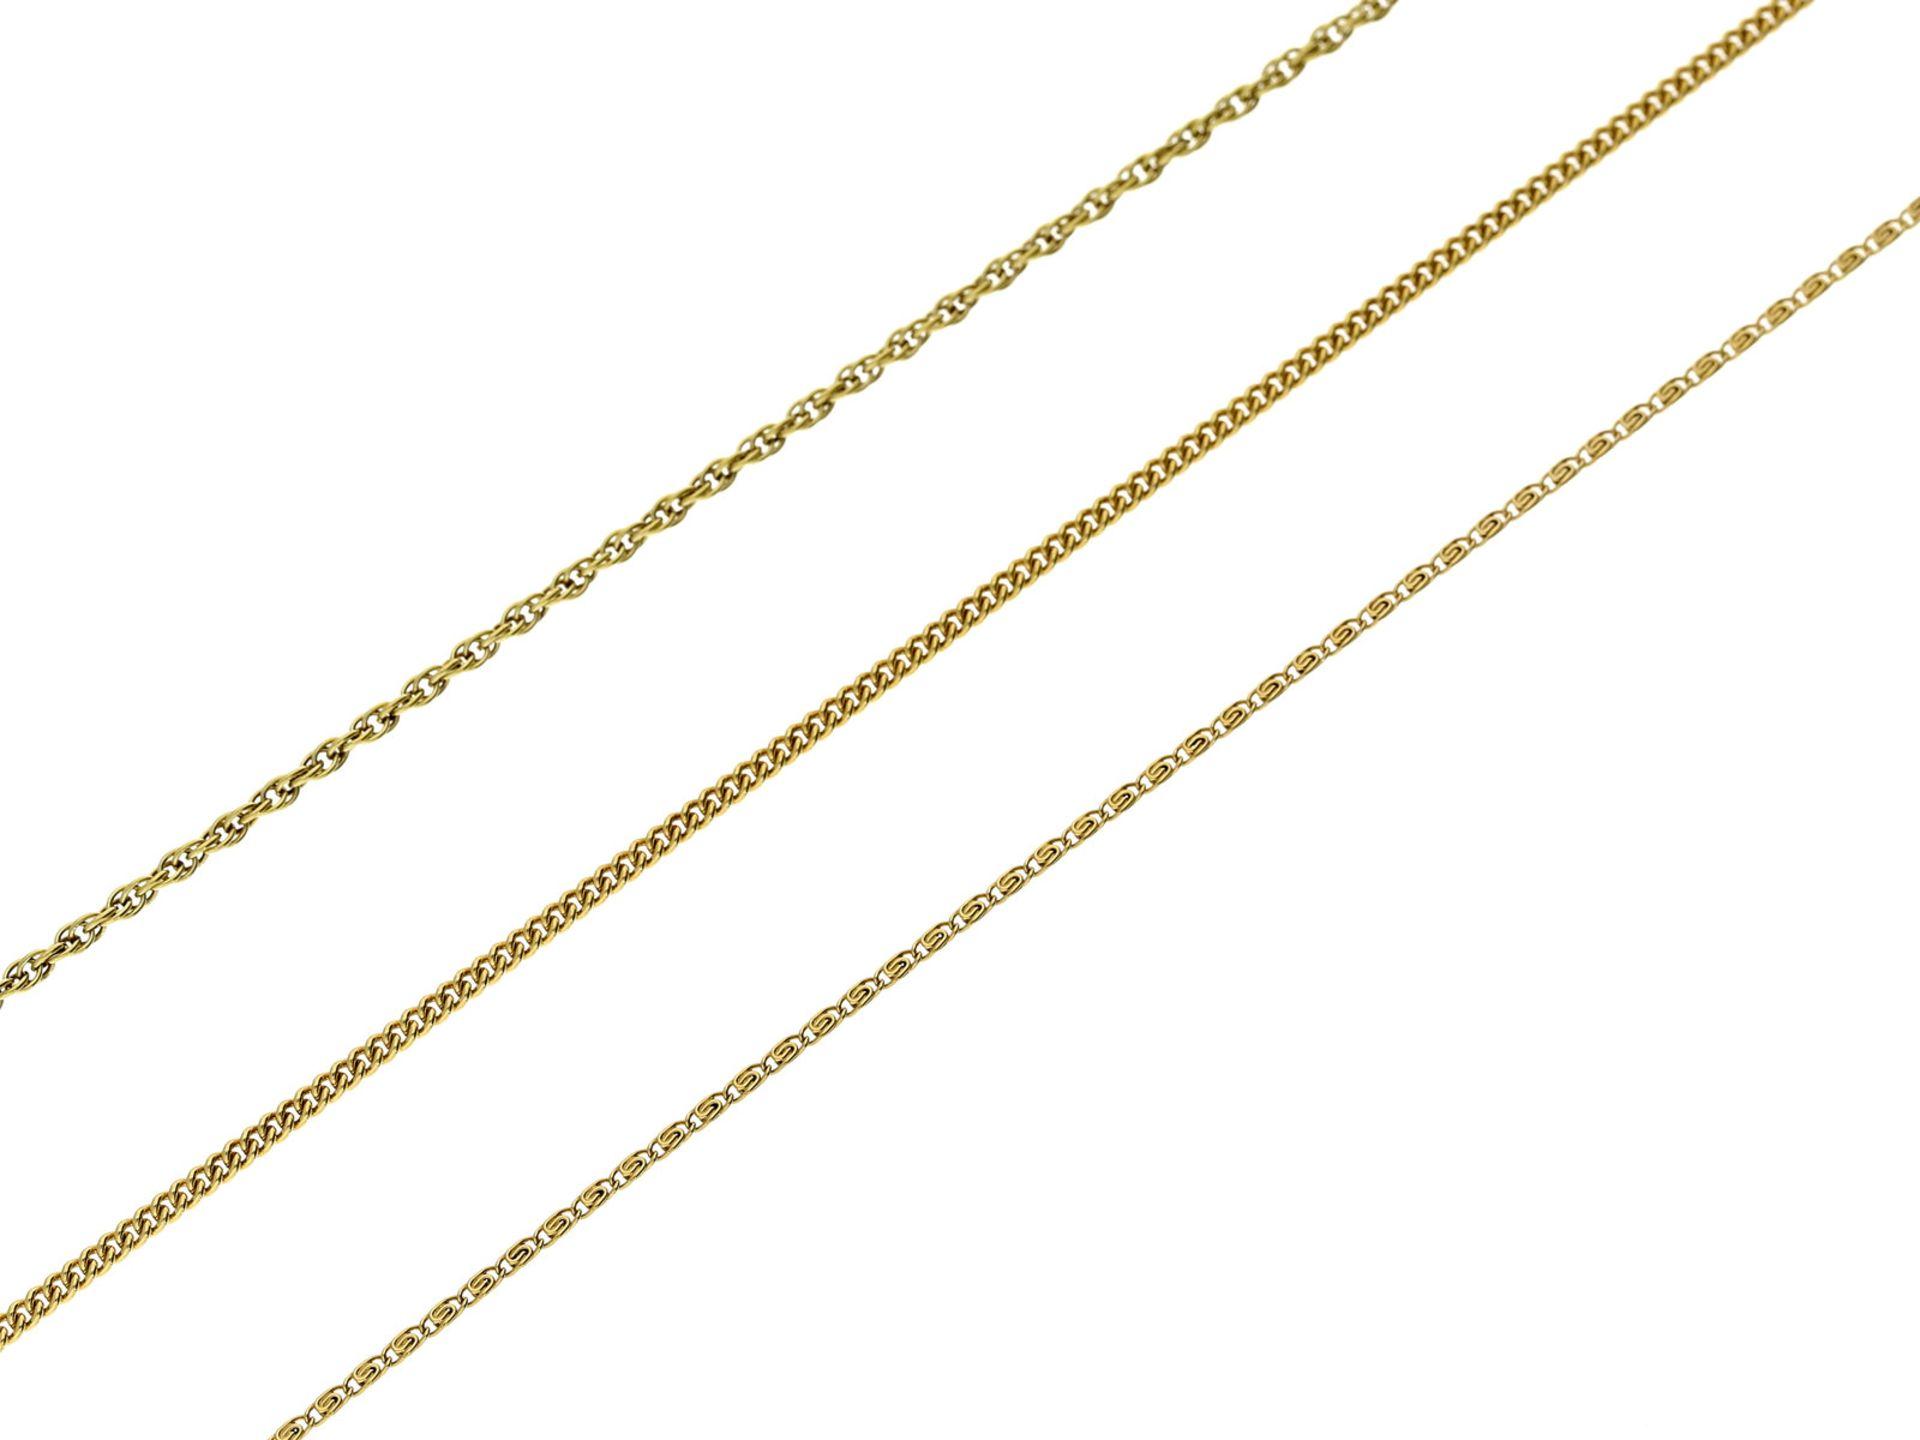 Kette/Collier: neuwertige und ungetragene CollierkettenGesamtgewicht ca. 10,5g, 14K Gold, alle